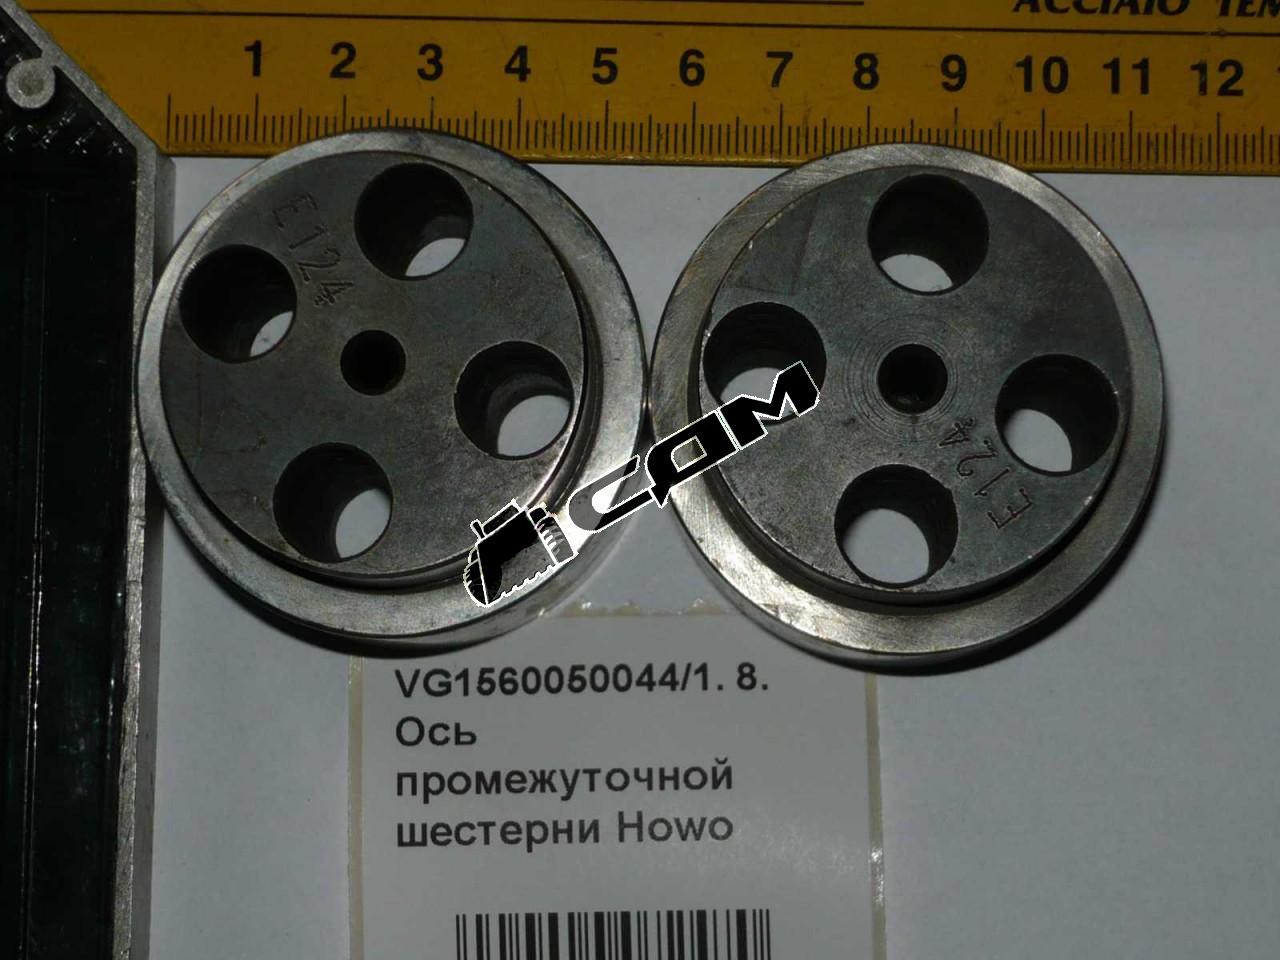 Ось промежуточной шестерни (Euro 3) Howo  VG1540059031